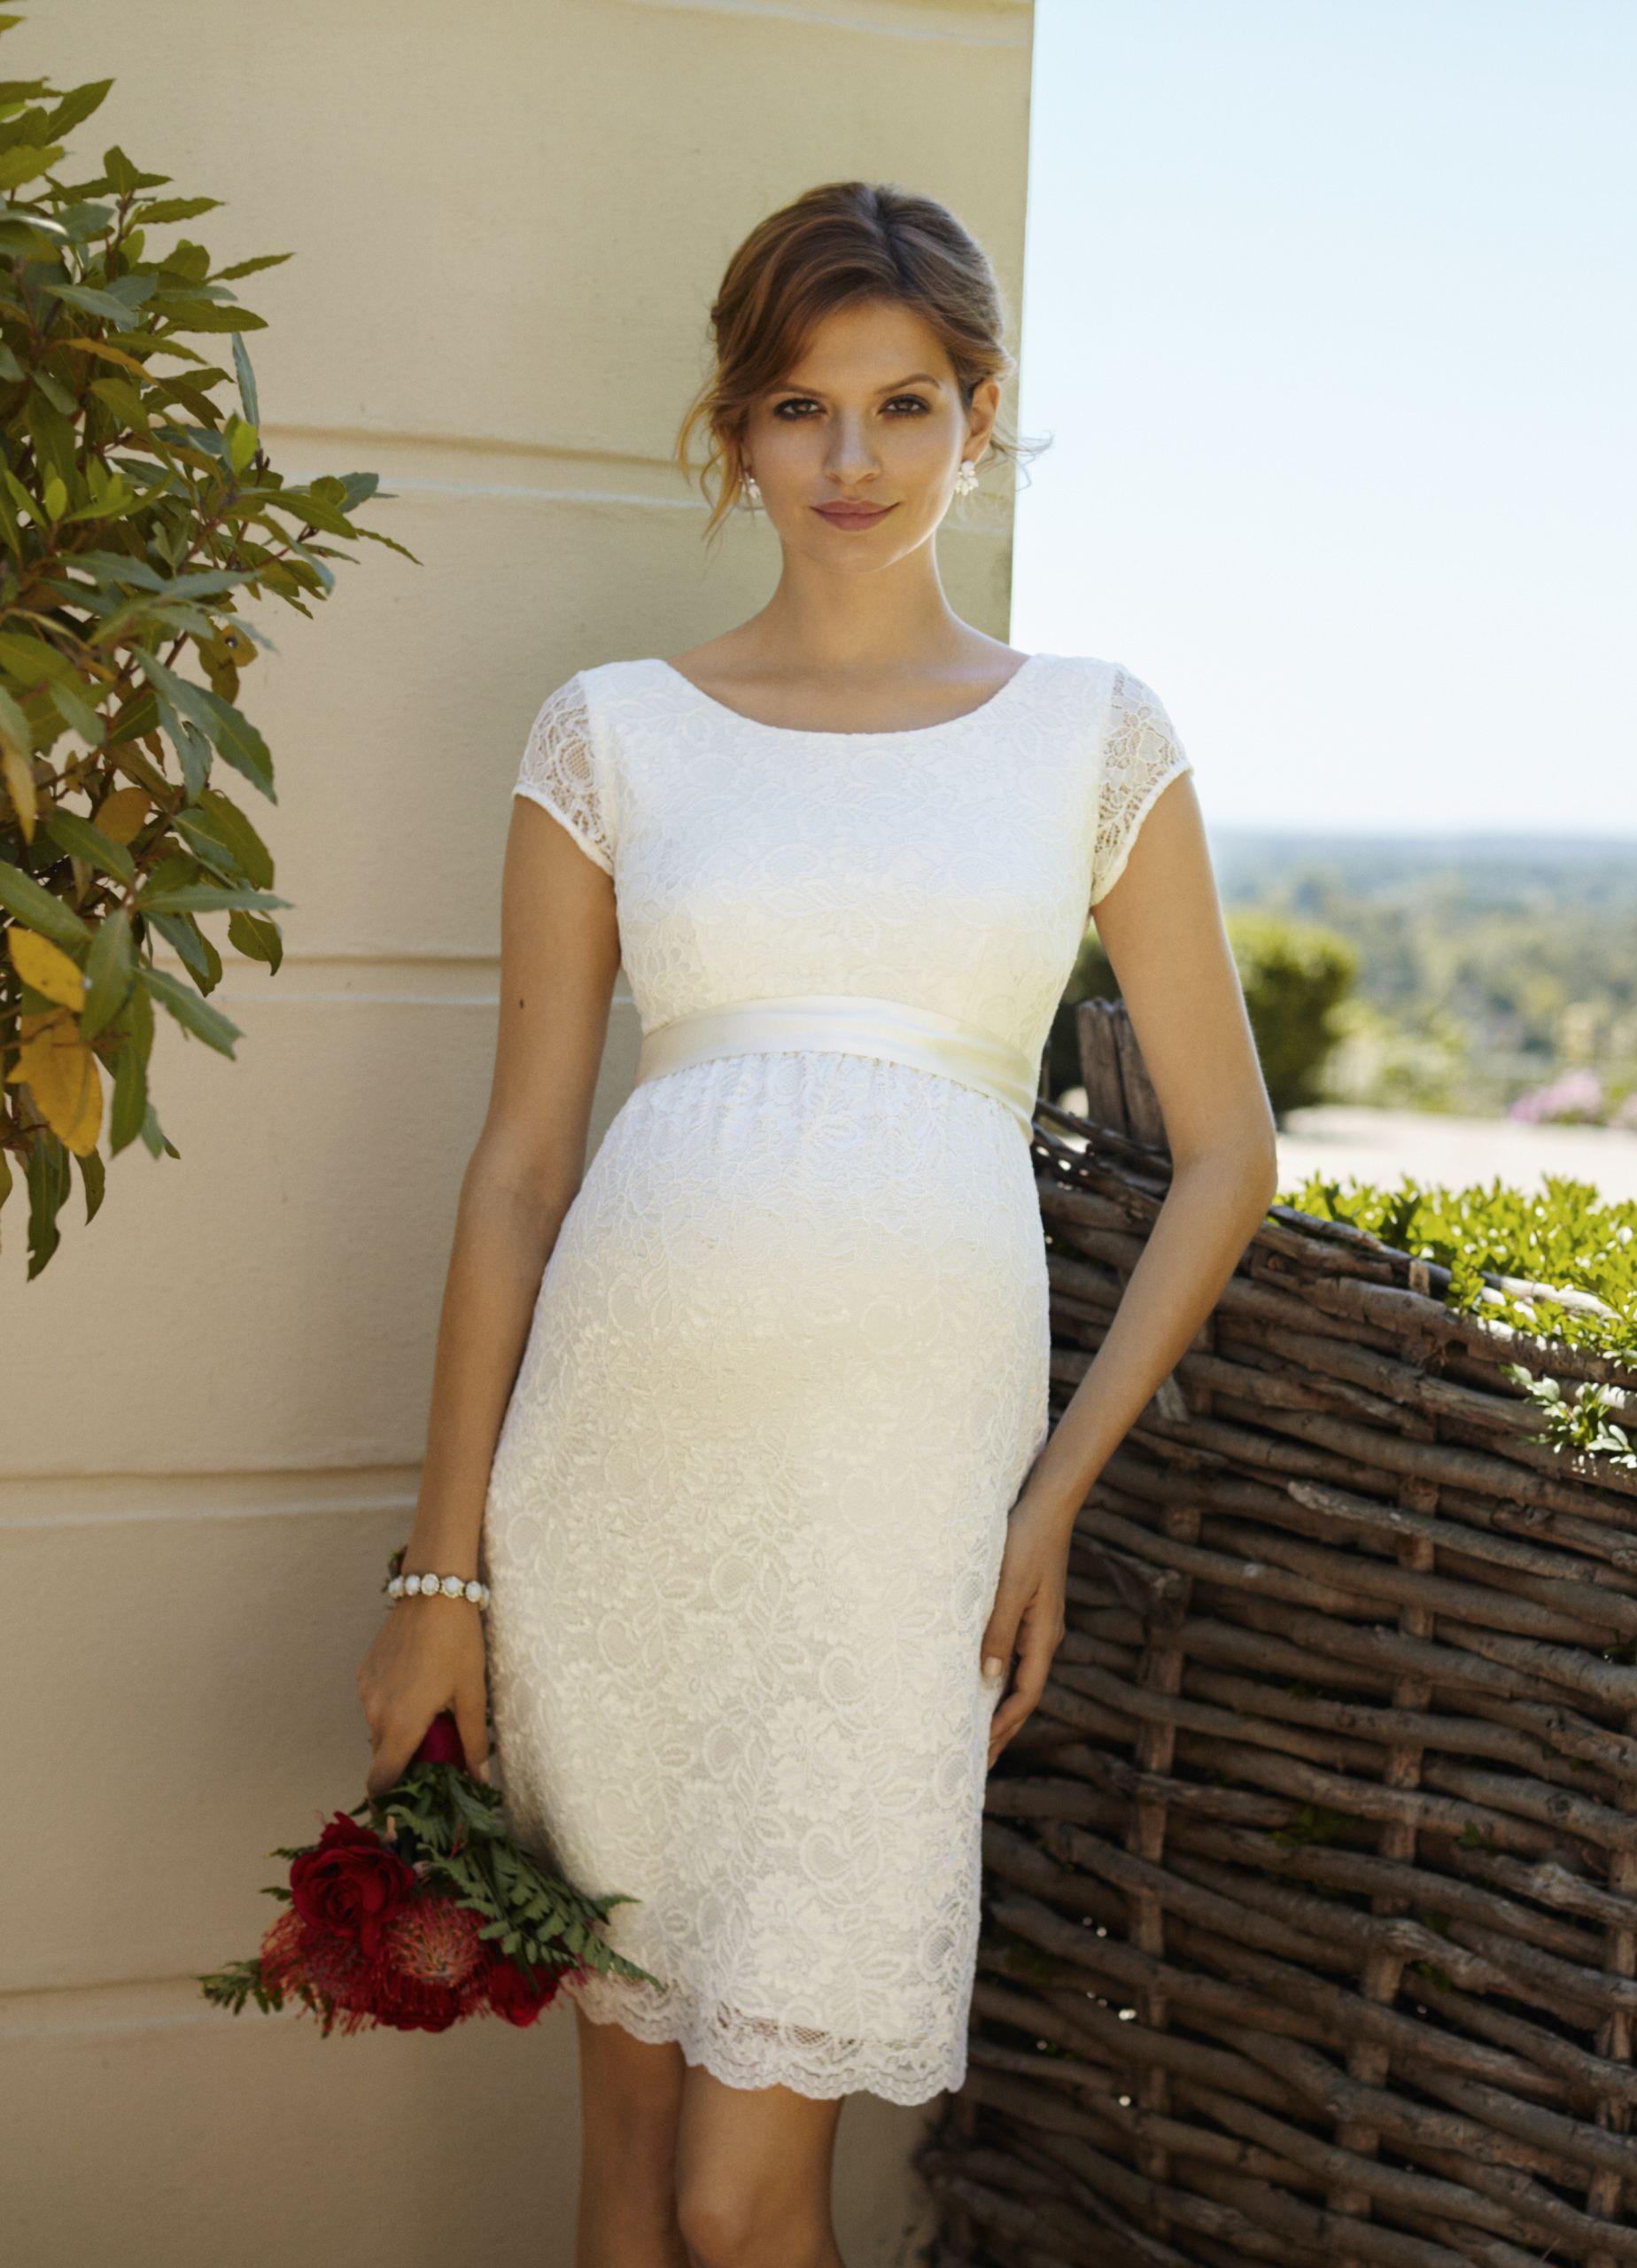 Zwangerschap Trouwjurk.Zwanger Trouwen Zwangerschaps Bruidsmode Google Zoeken Wedding